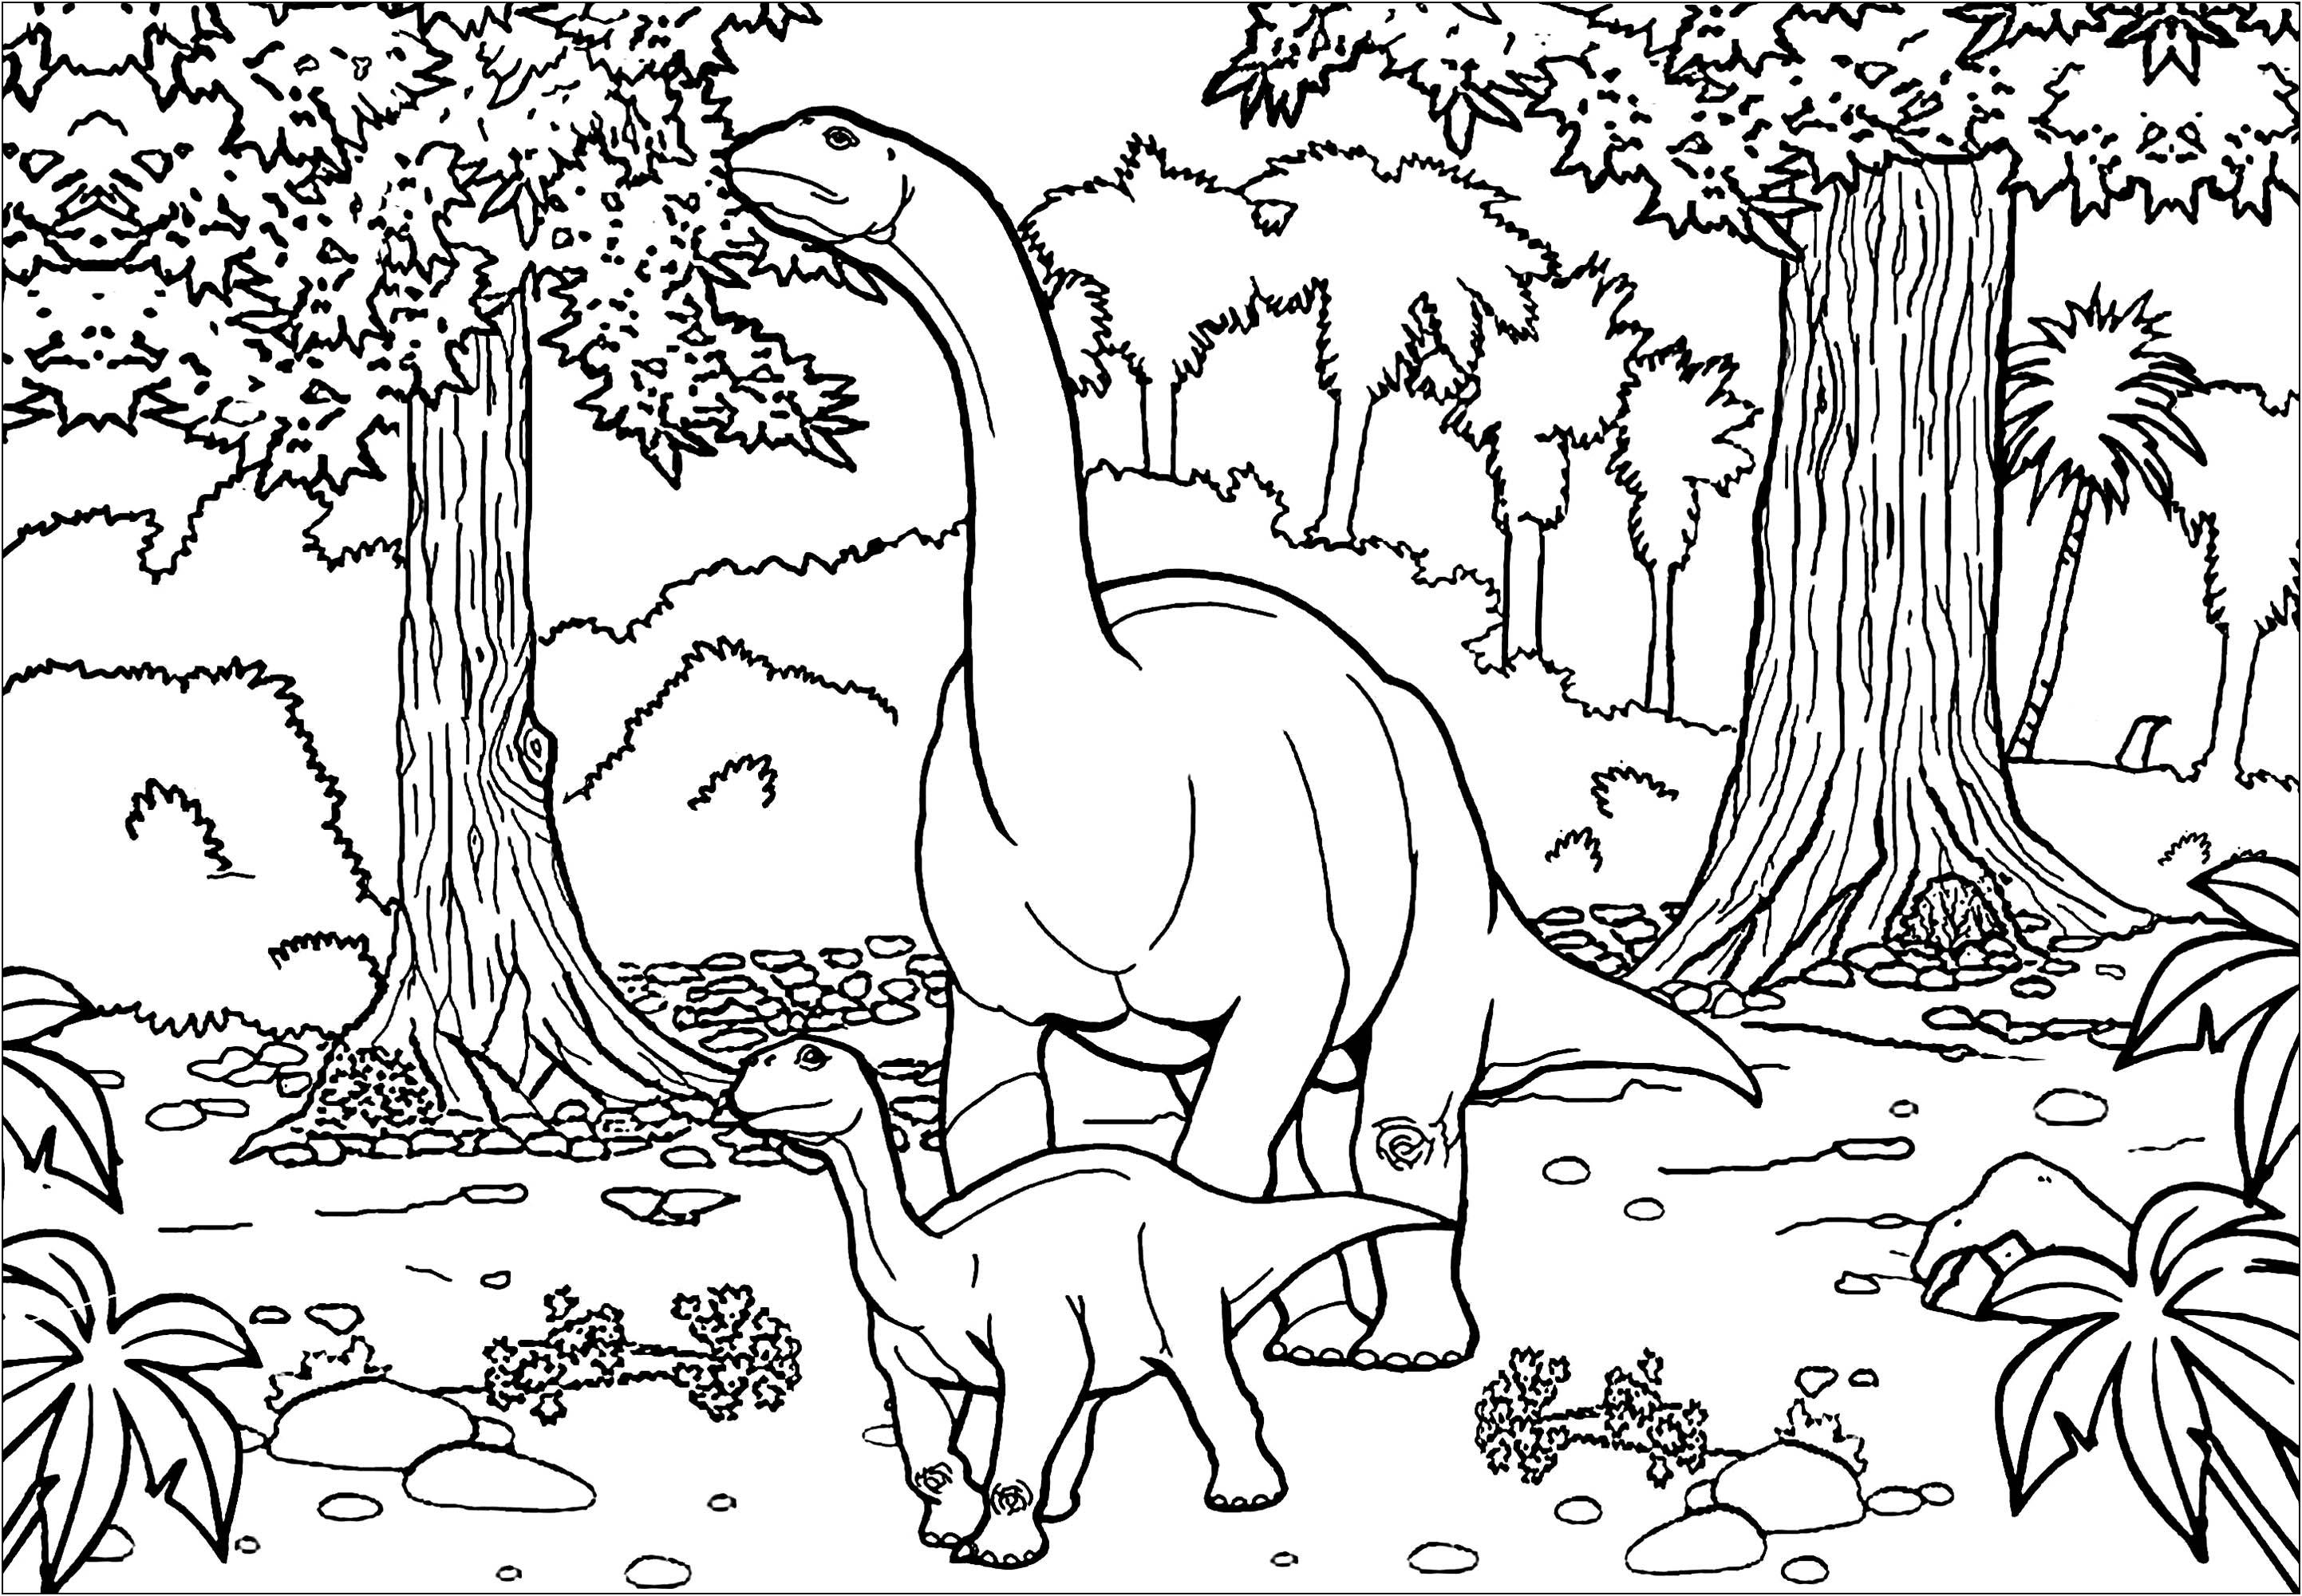 Infantil Dibujo De Dinosaurio Para Pintar Novocom Top Escoge el color y después la zona que quieres pintar con ese color. infantil dibujo de dinosaurio para